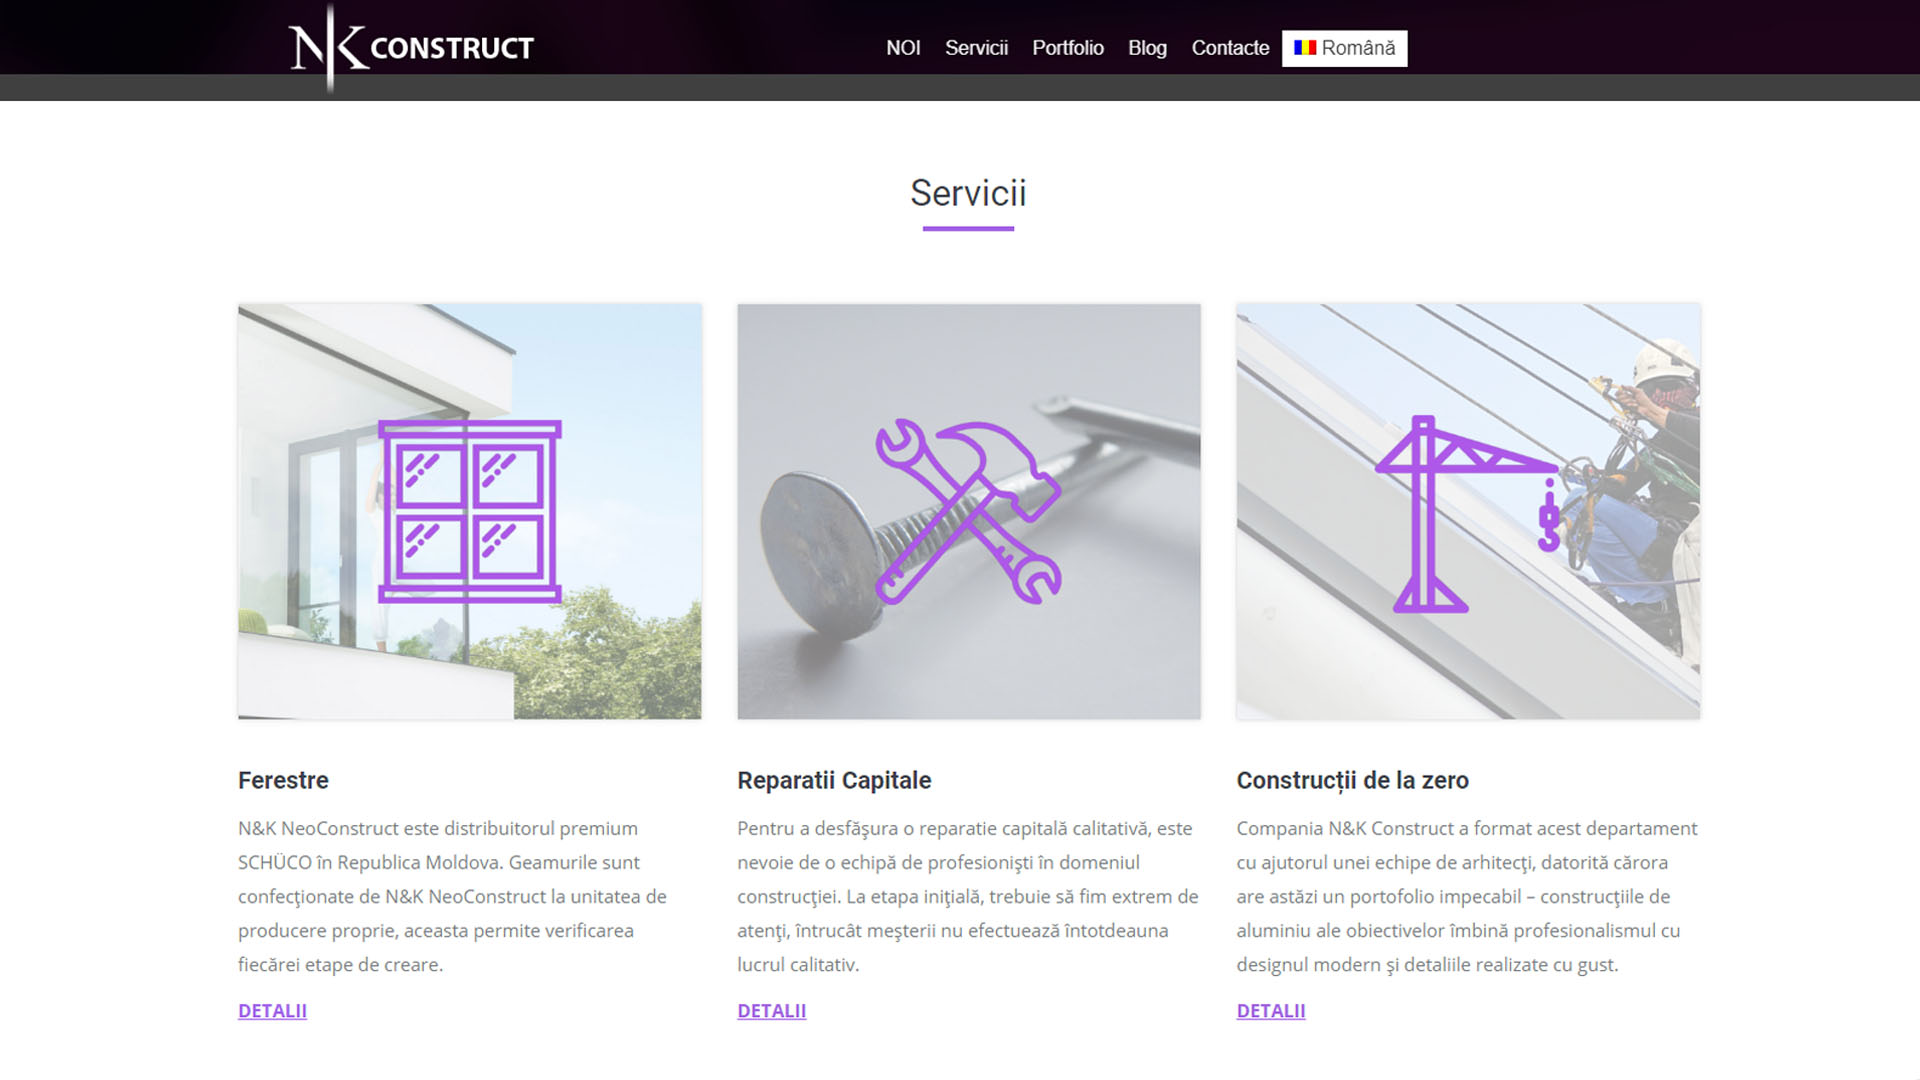 NK Construct Lucrări Purple Media